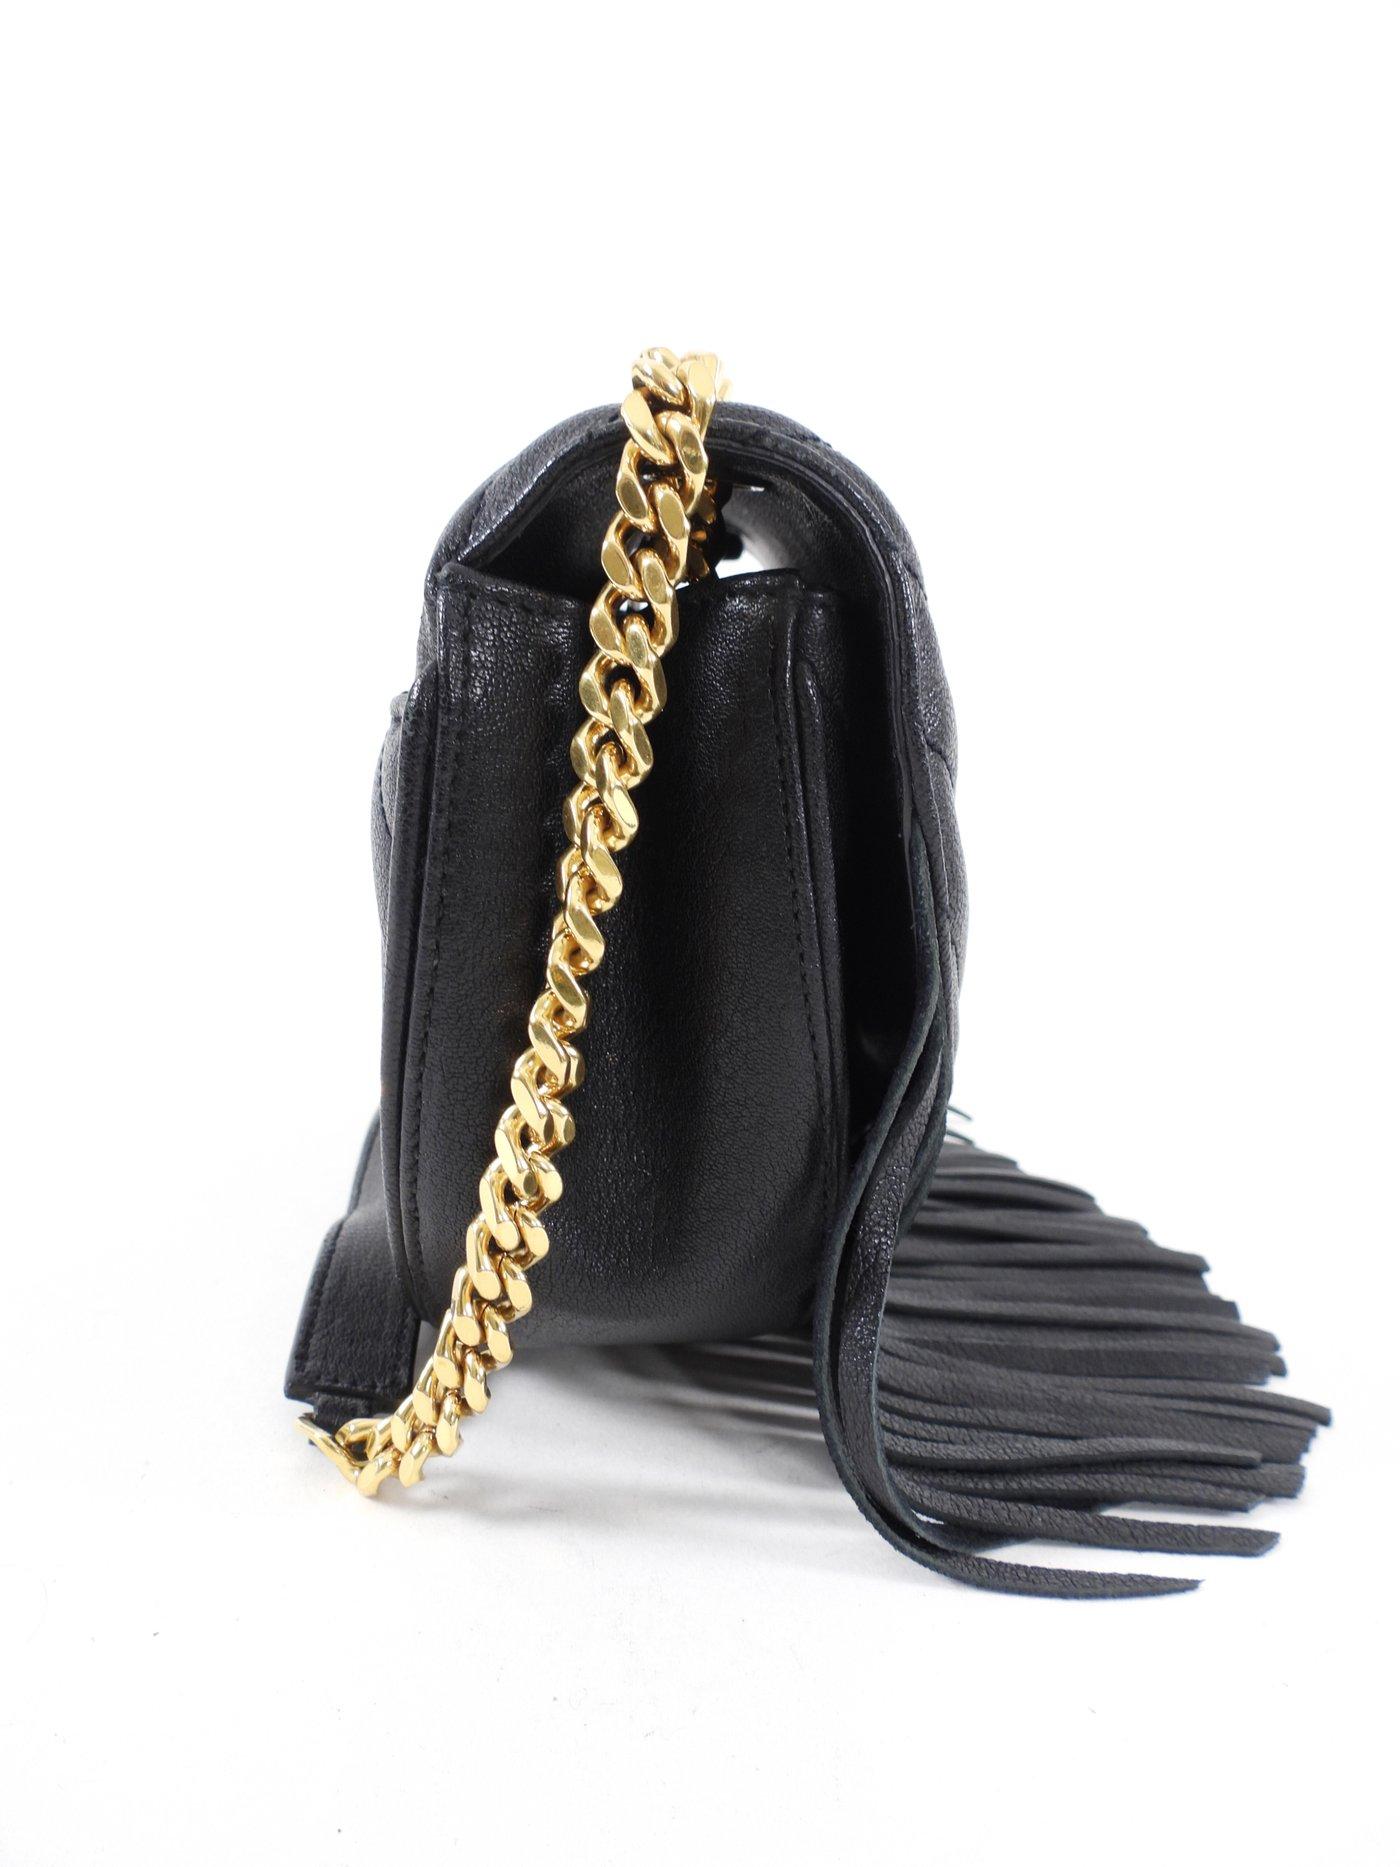 Saint Laurent - Chain Shoulder Bag 4